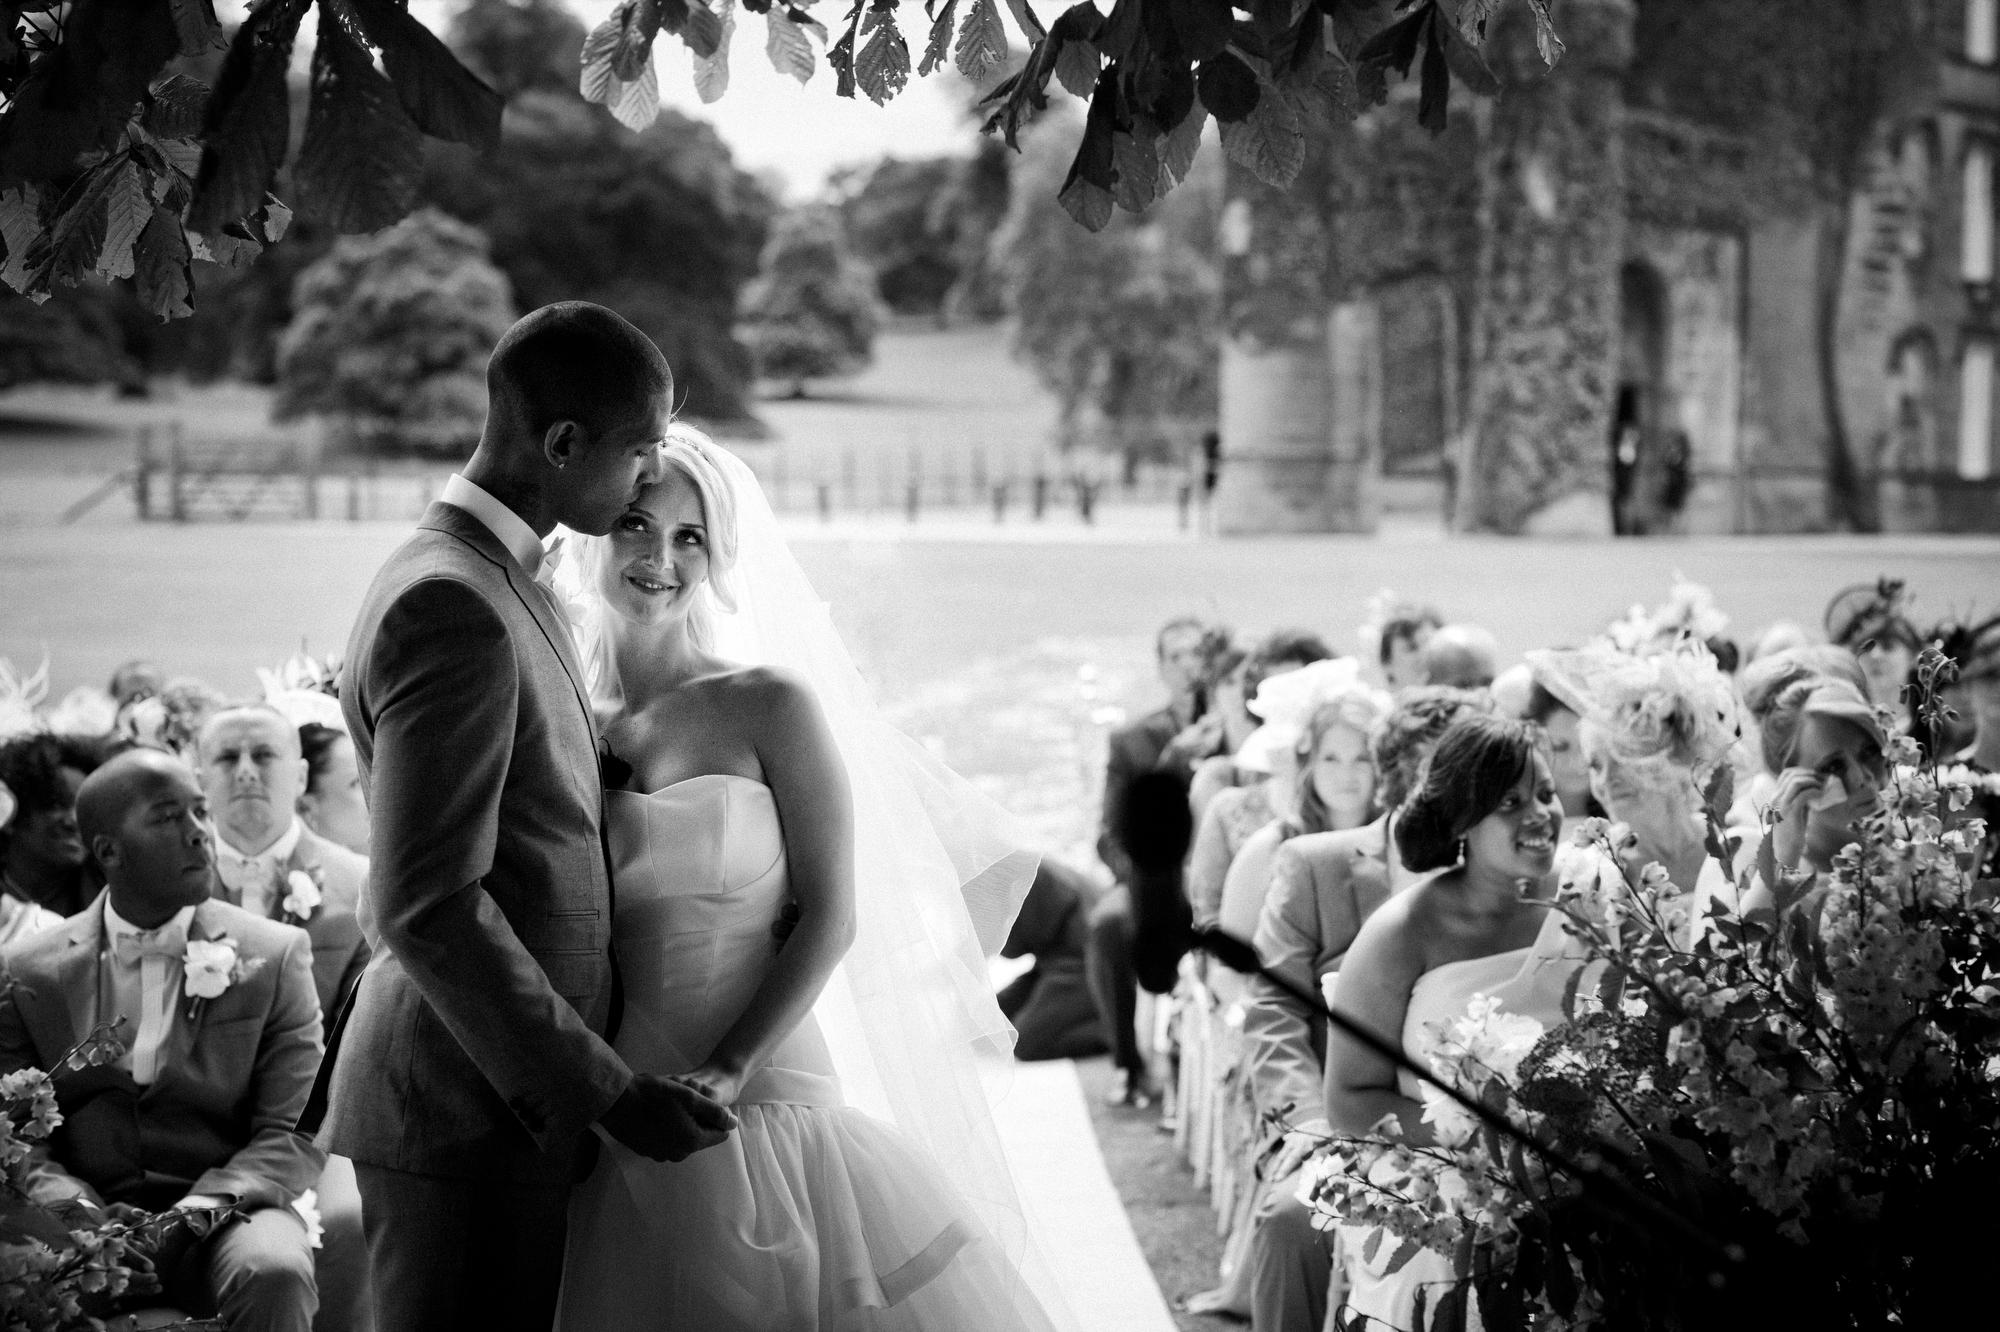 Swinton Park Hotel - Celtic castle ceremony - photo by Jeff Ascough